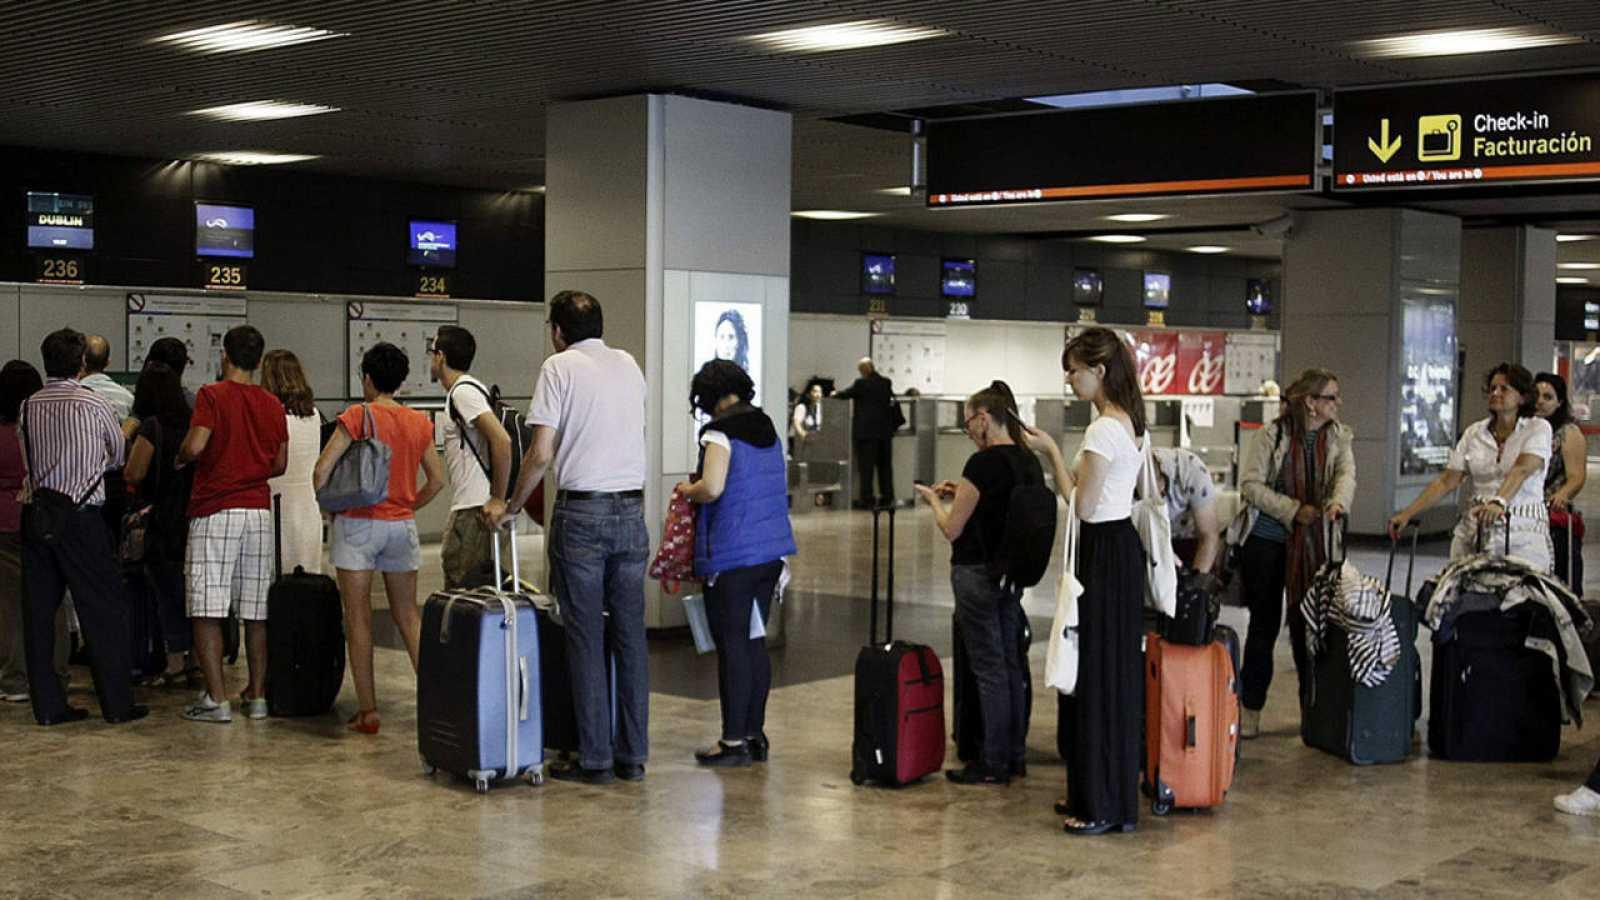 Un grupo de pasajeros hace cola ante un mostrador de facturación de Barajas